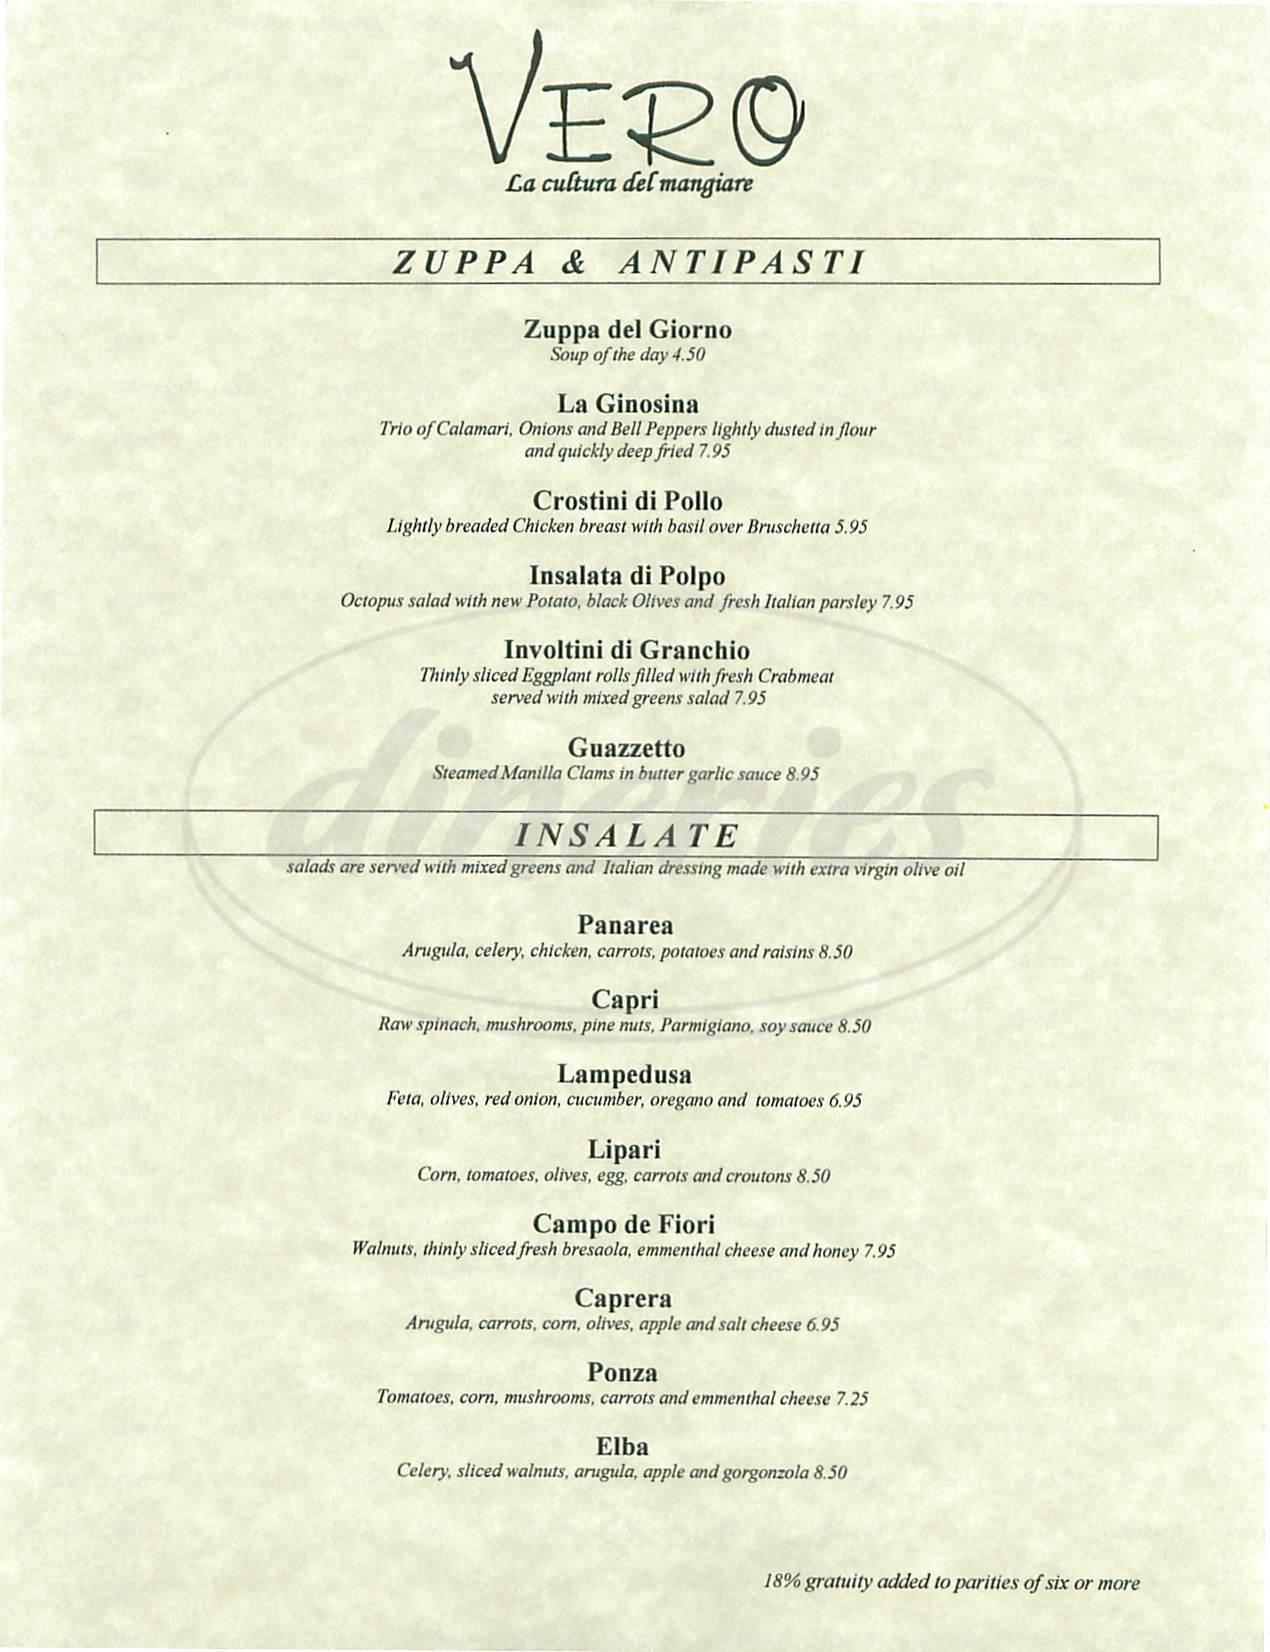 menu for Vero